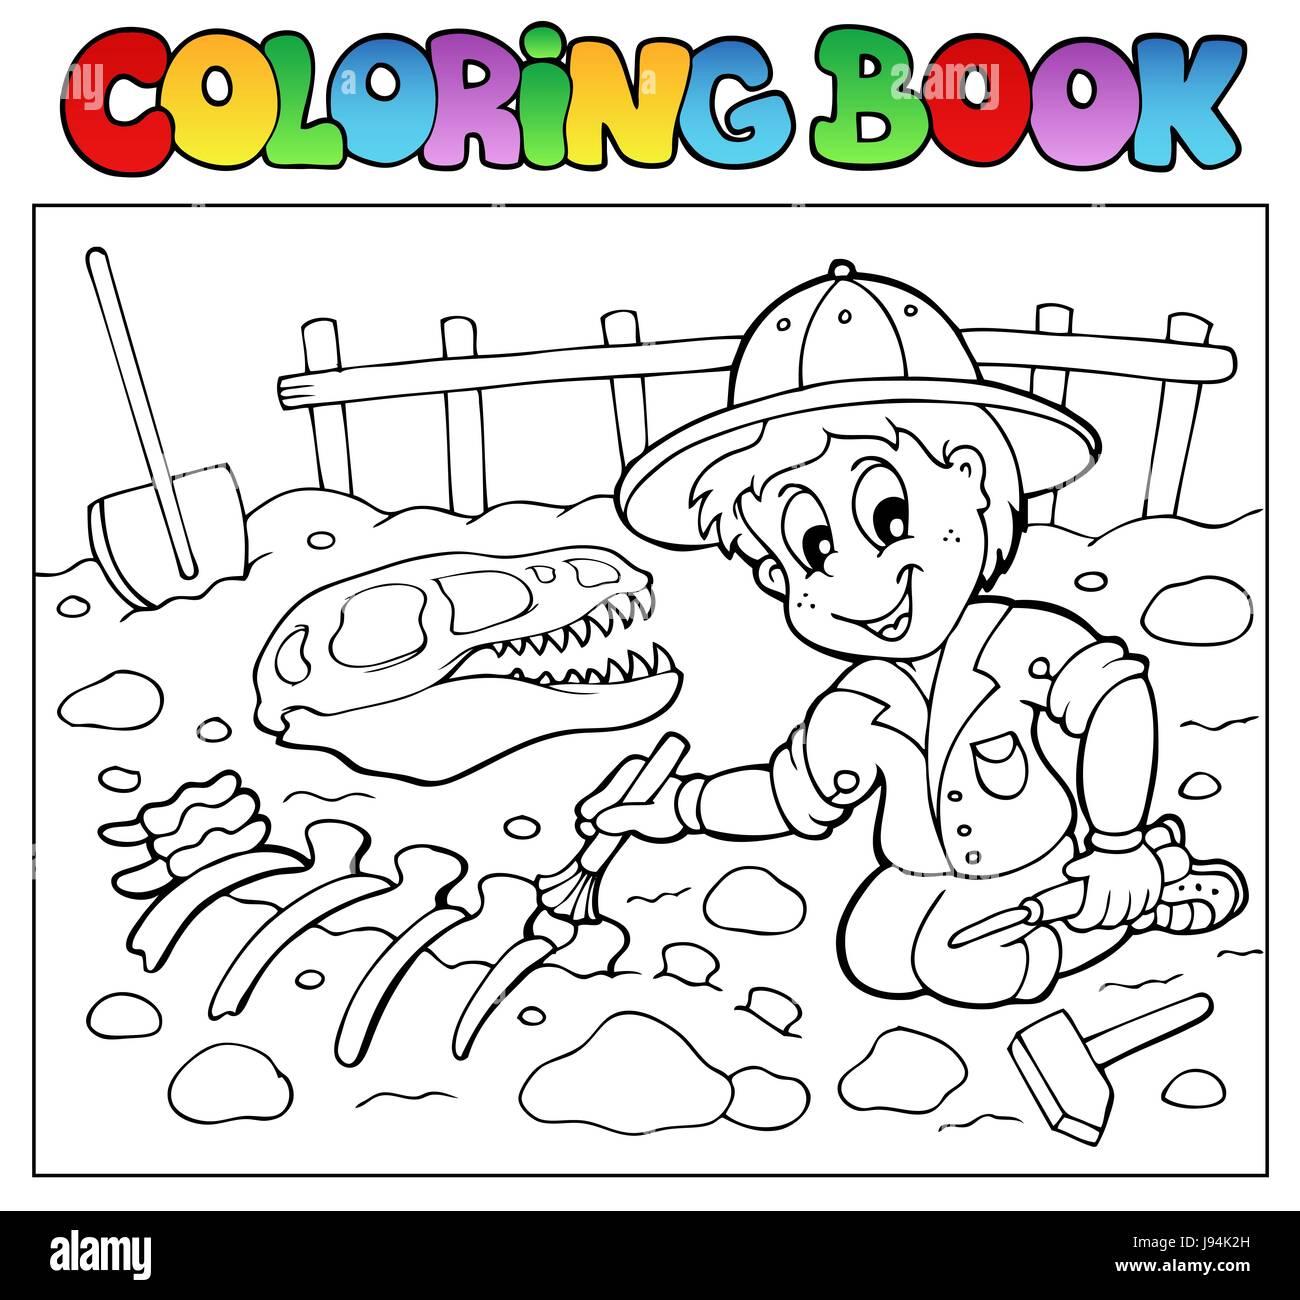 Colour book art - Stock Photo Colour Excavation Paint Painted Excavate Colouring Excavator Book Art